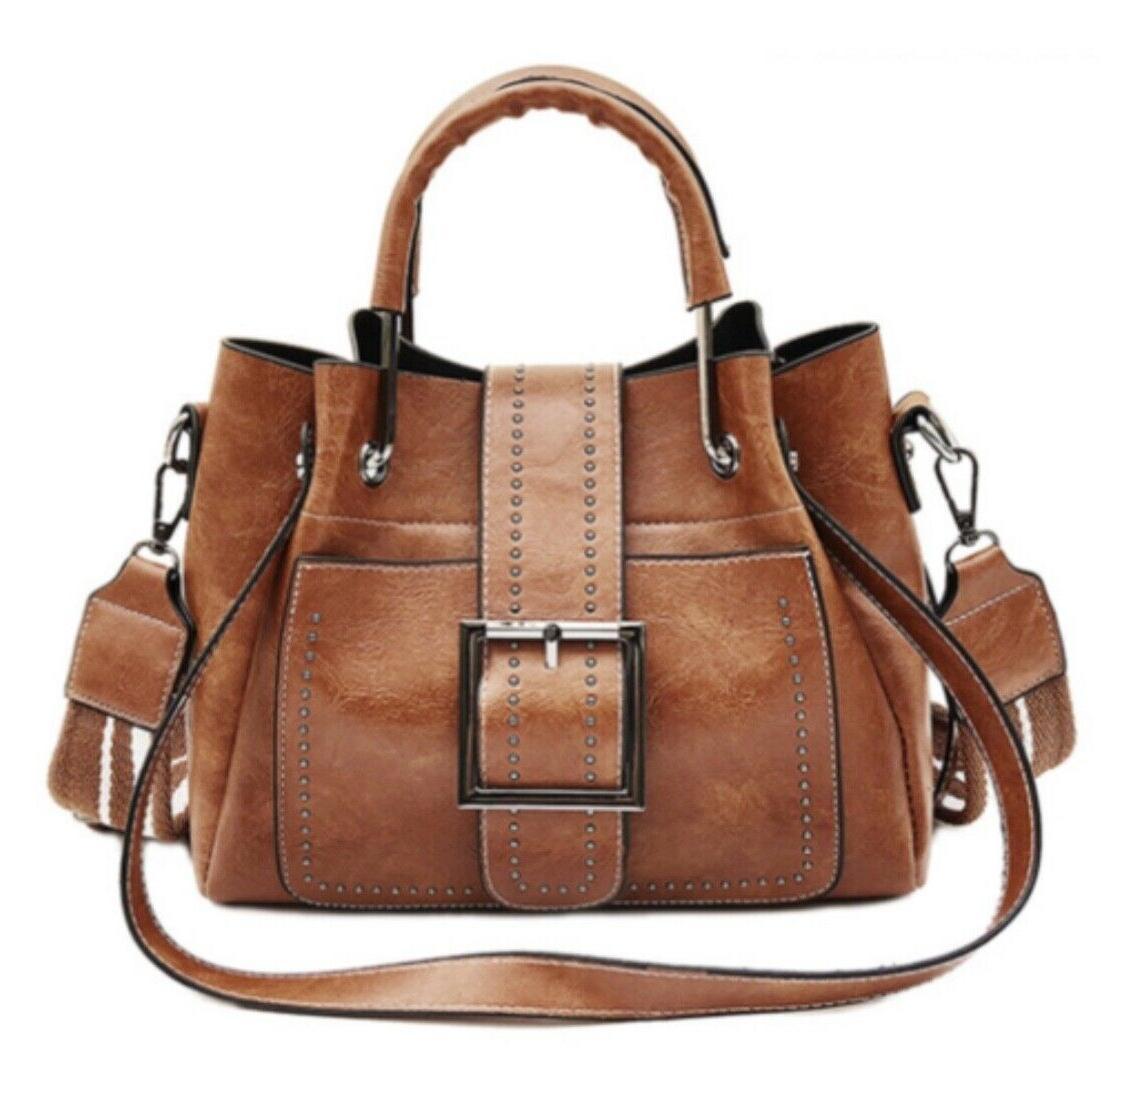 women shoulder bags vintage handbag tote leather